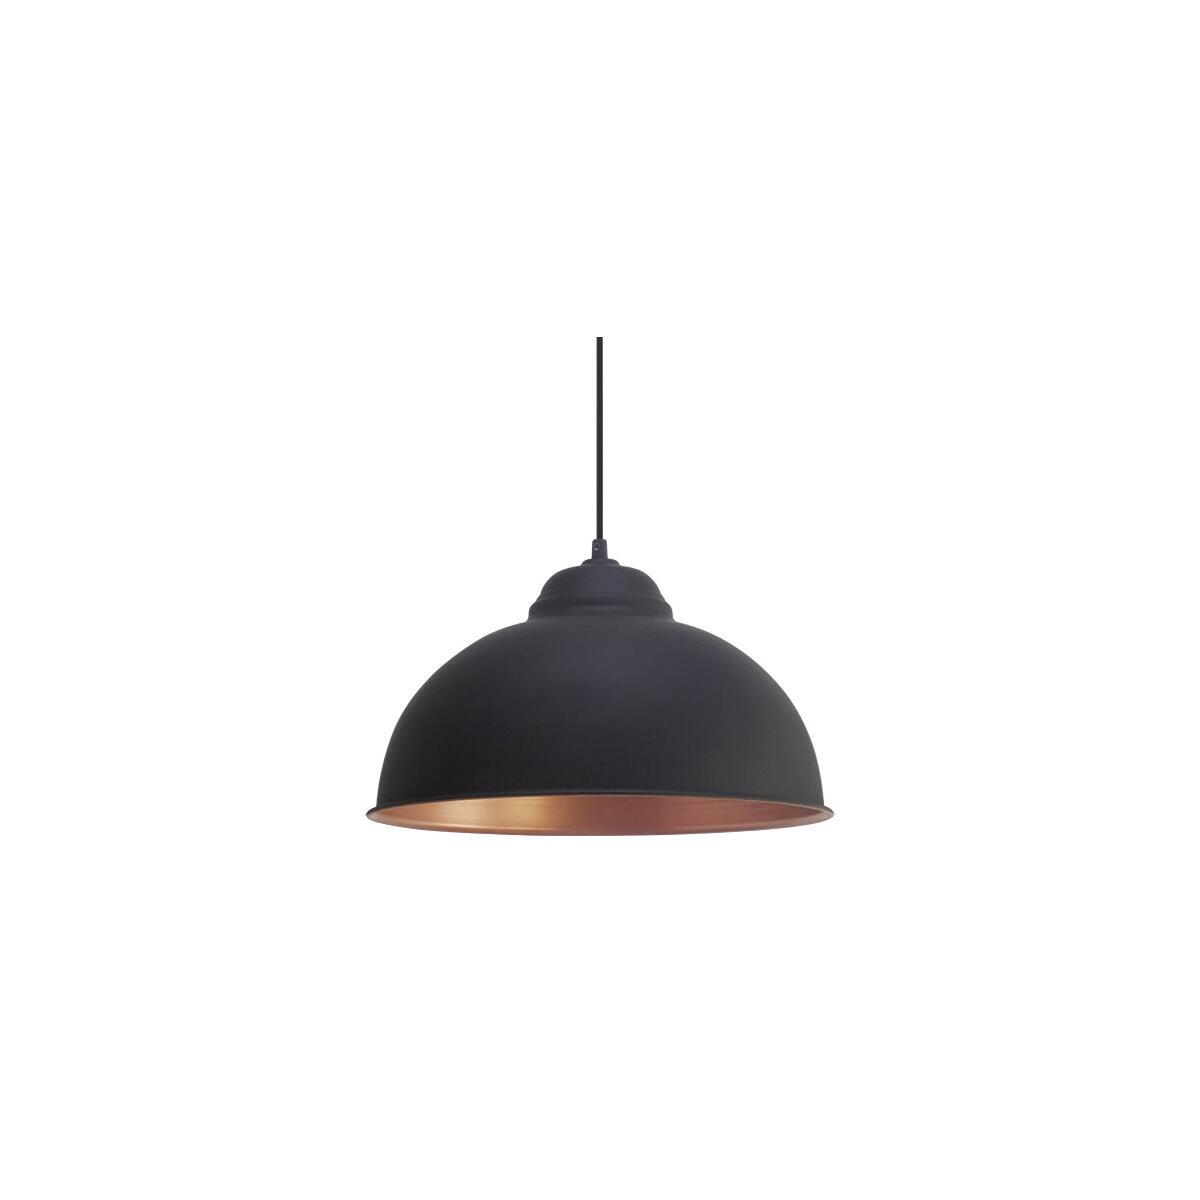 truro 2 pendelleuchte rustikal schwarz kupfer eglo 49247. Black Bedroom Furniture Sets. Home Design Ideas